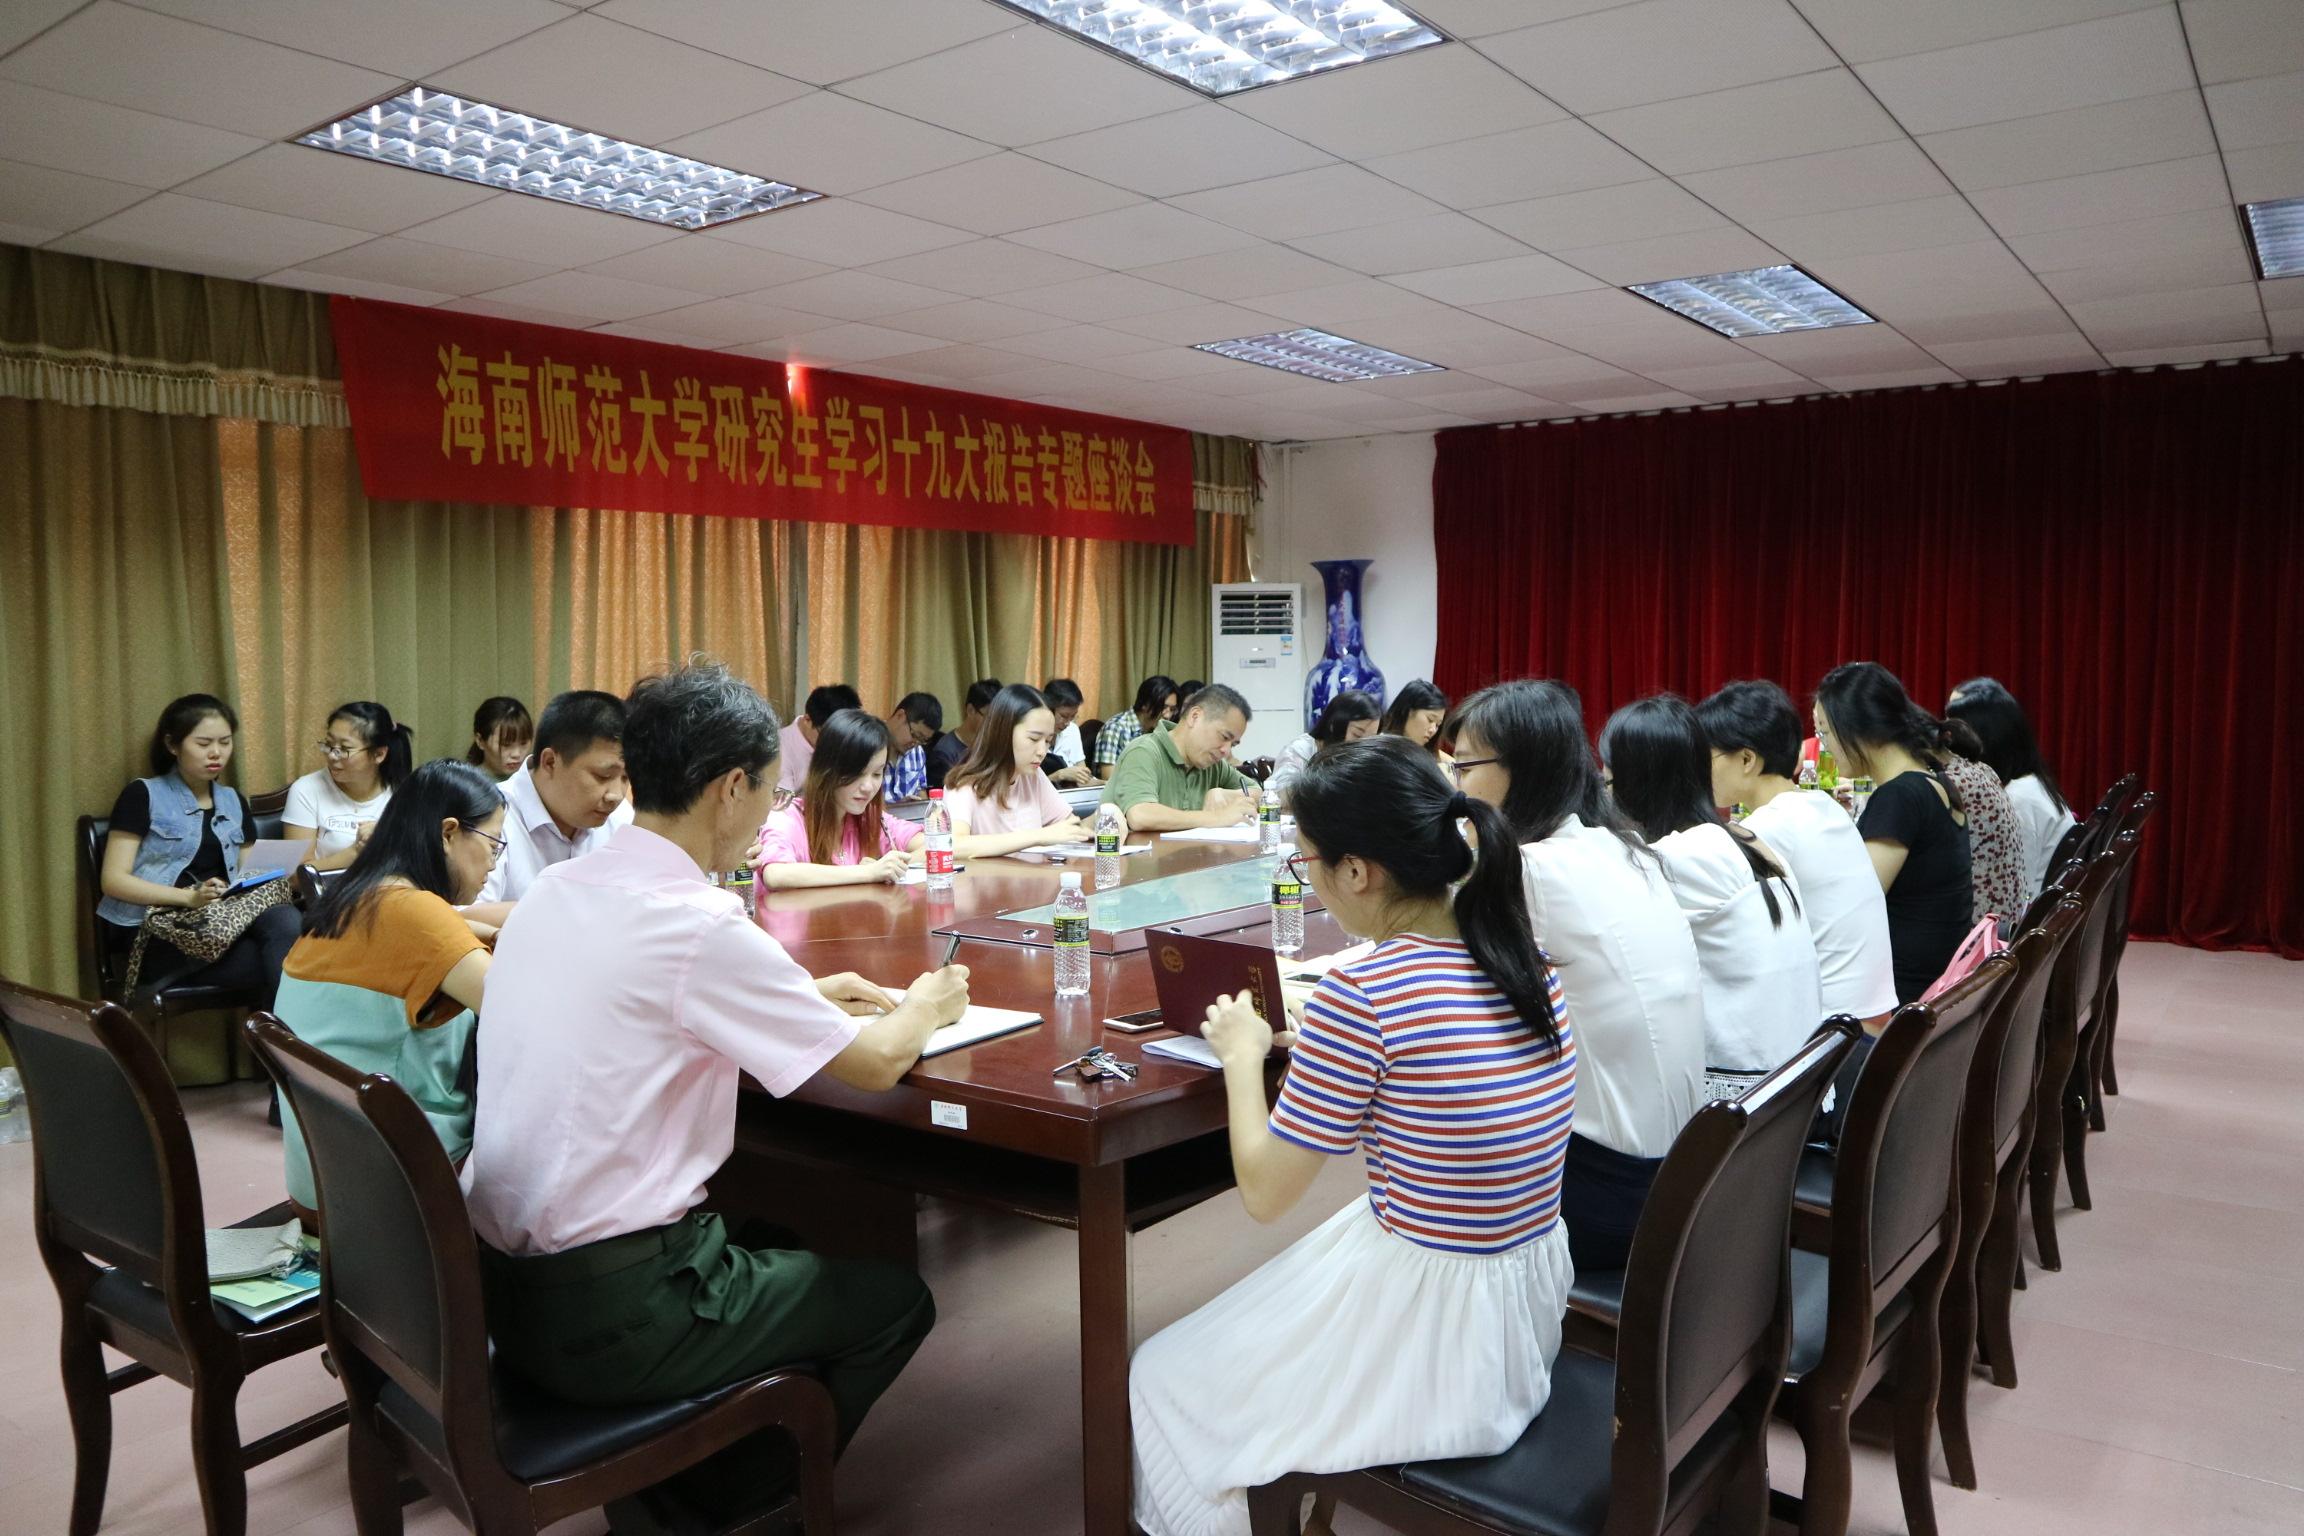 我院党委召开研究生学习党的十九大报告专题座谈会